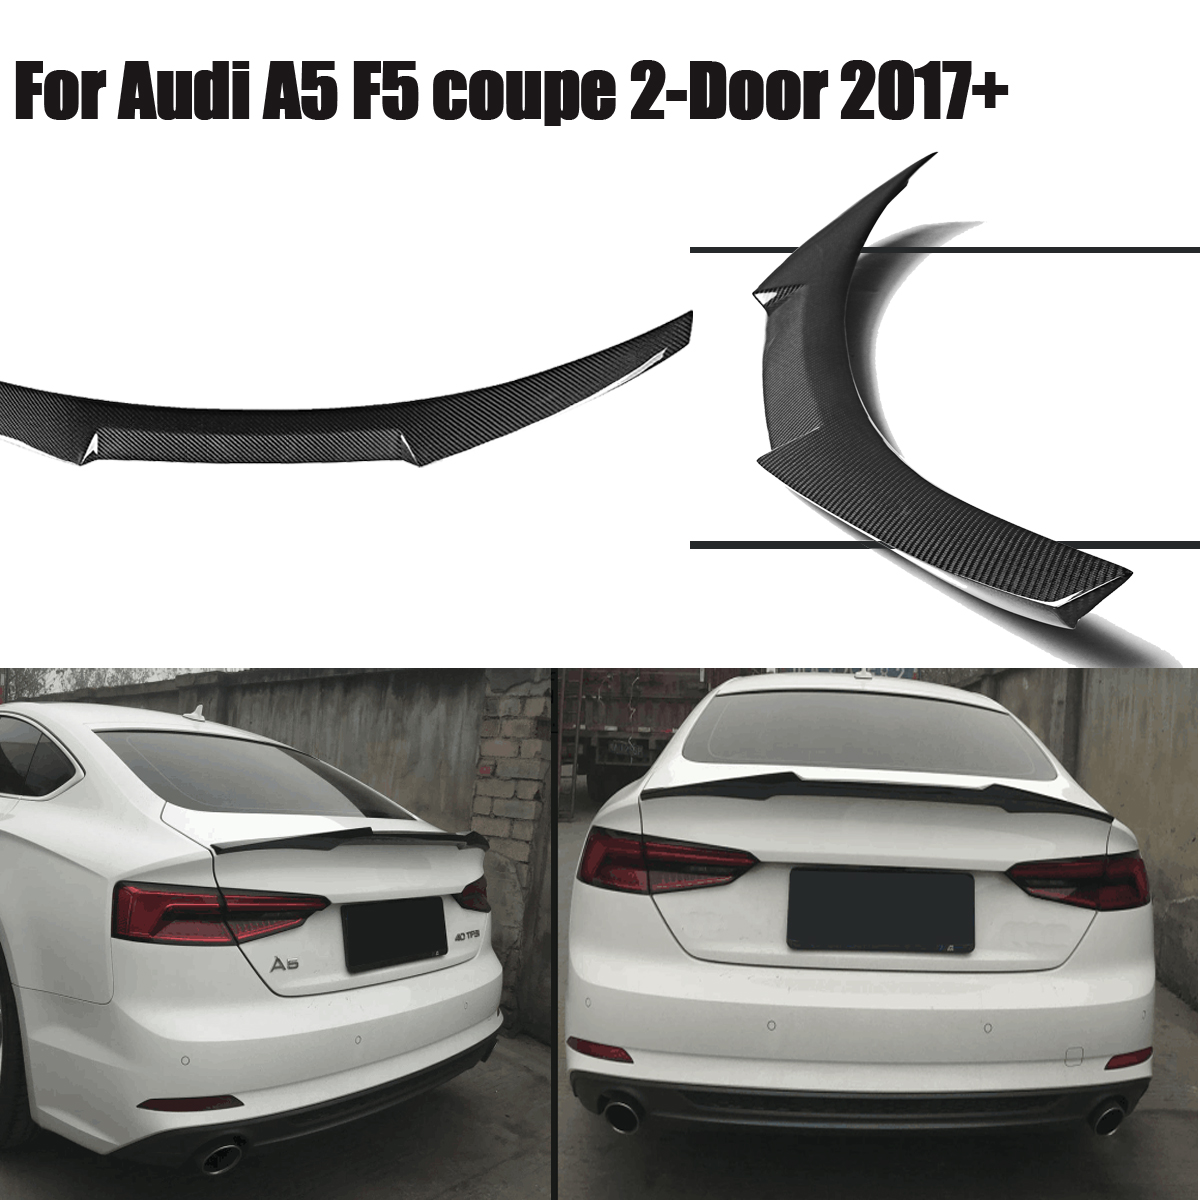 Couvercle de coffre en Fiber de carbone pour coffre arrière pour Audi A5 F5 pour coupé 2 portes M4 2017 2018